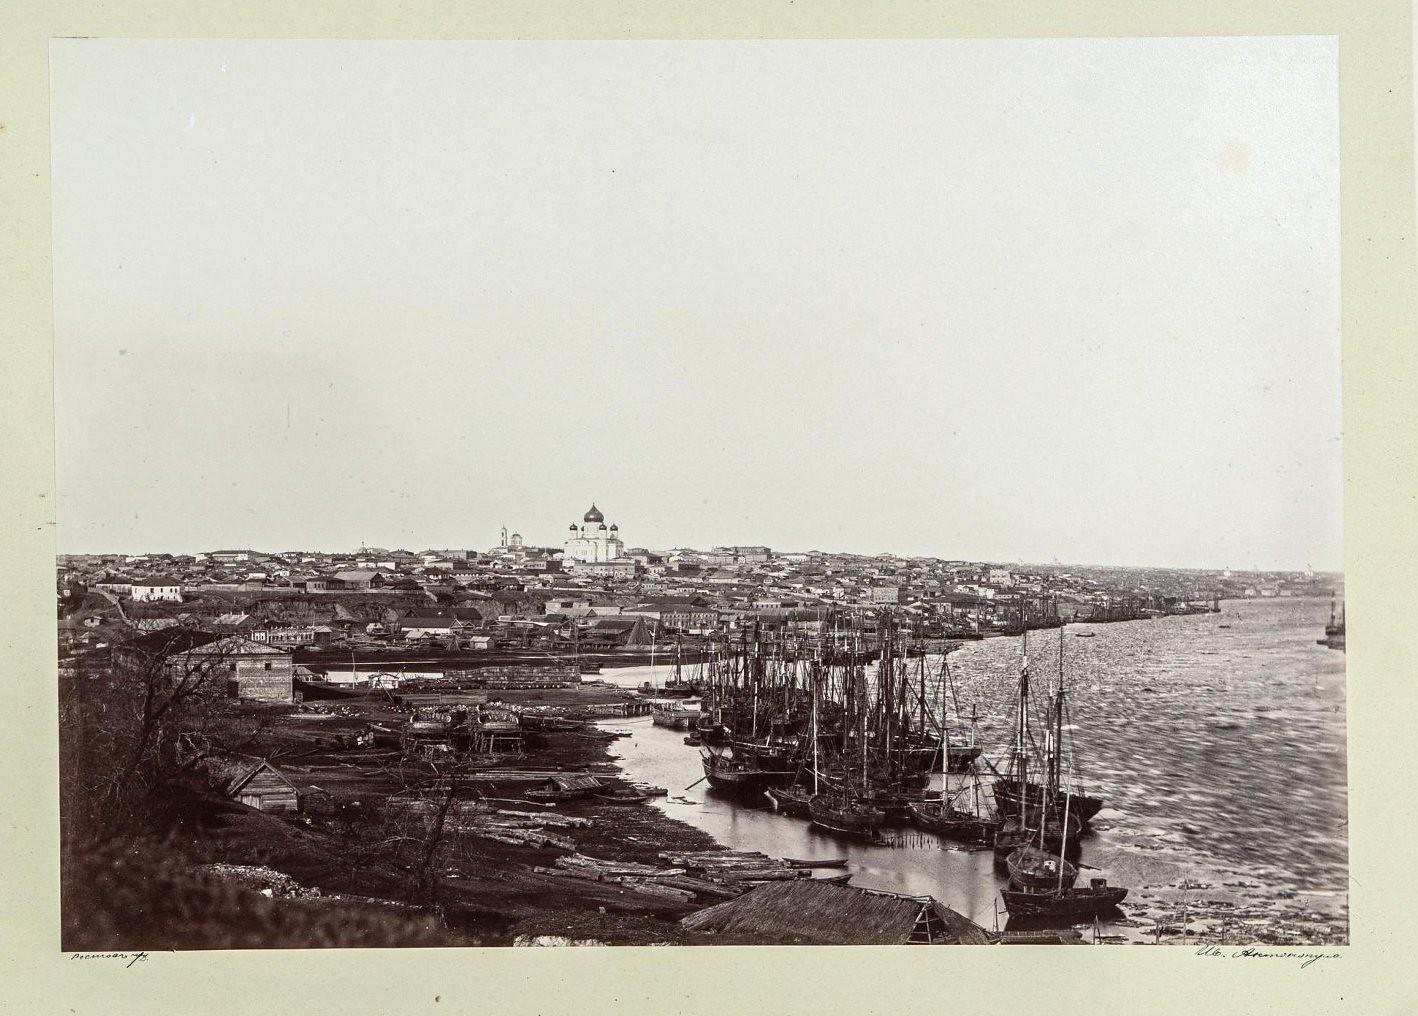 Ростов. Панорамный вид города от берега реки Дон